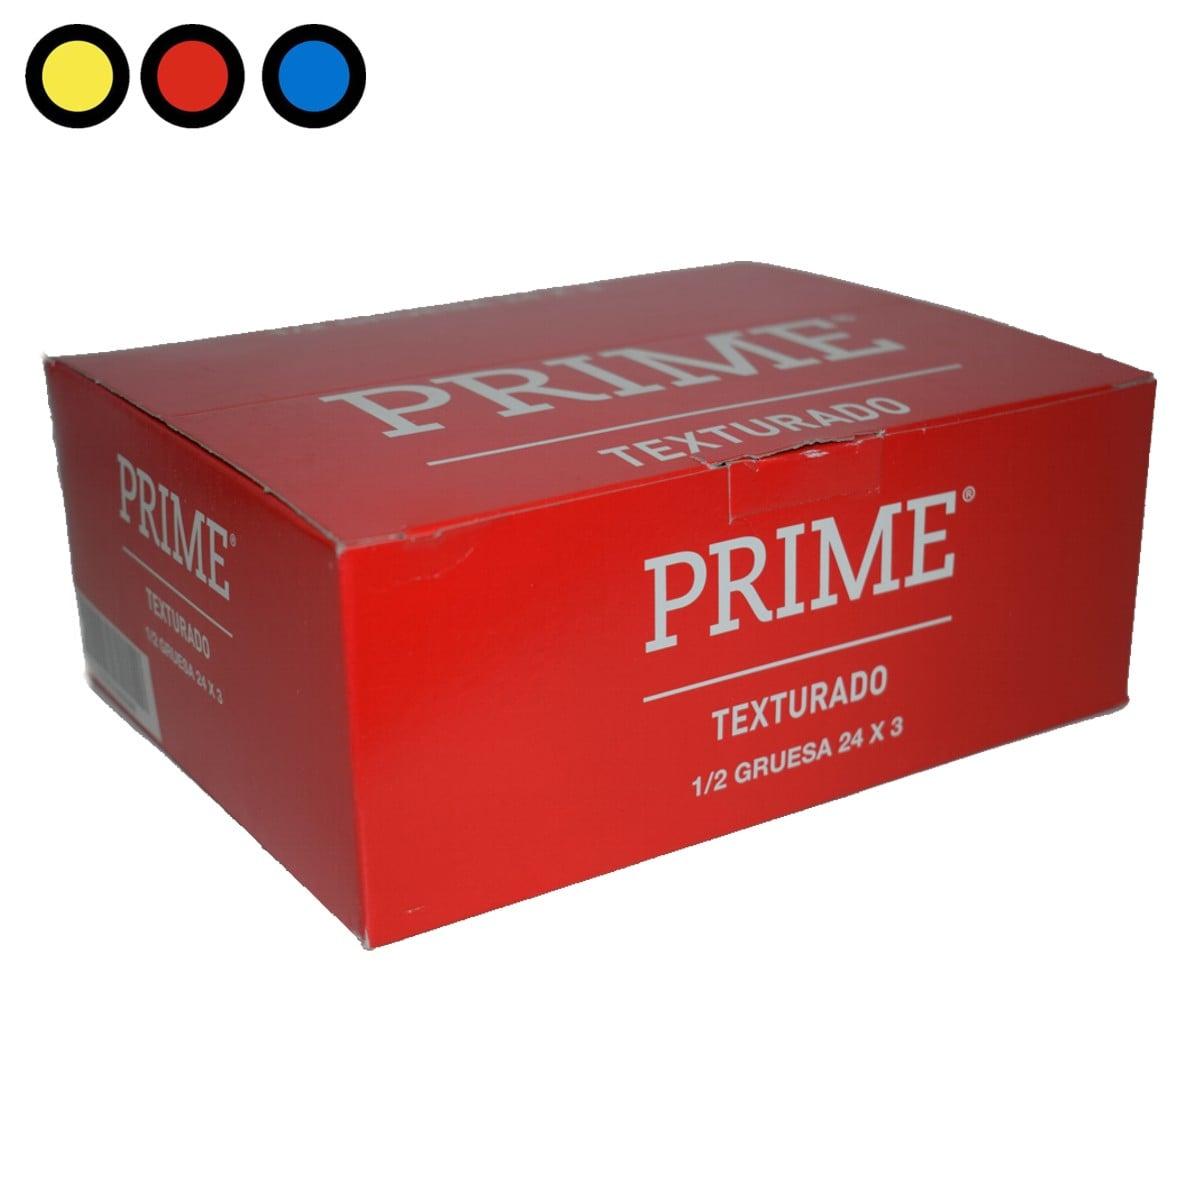 preservativo prime texturado kiosco